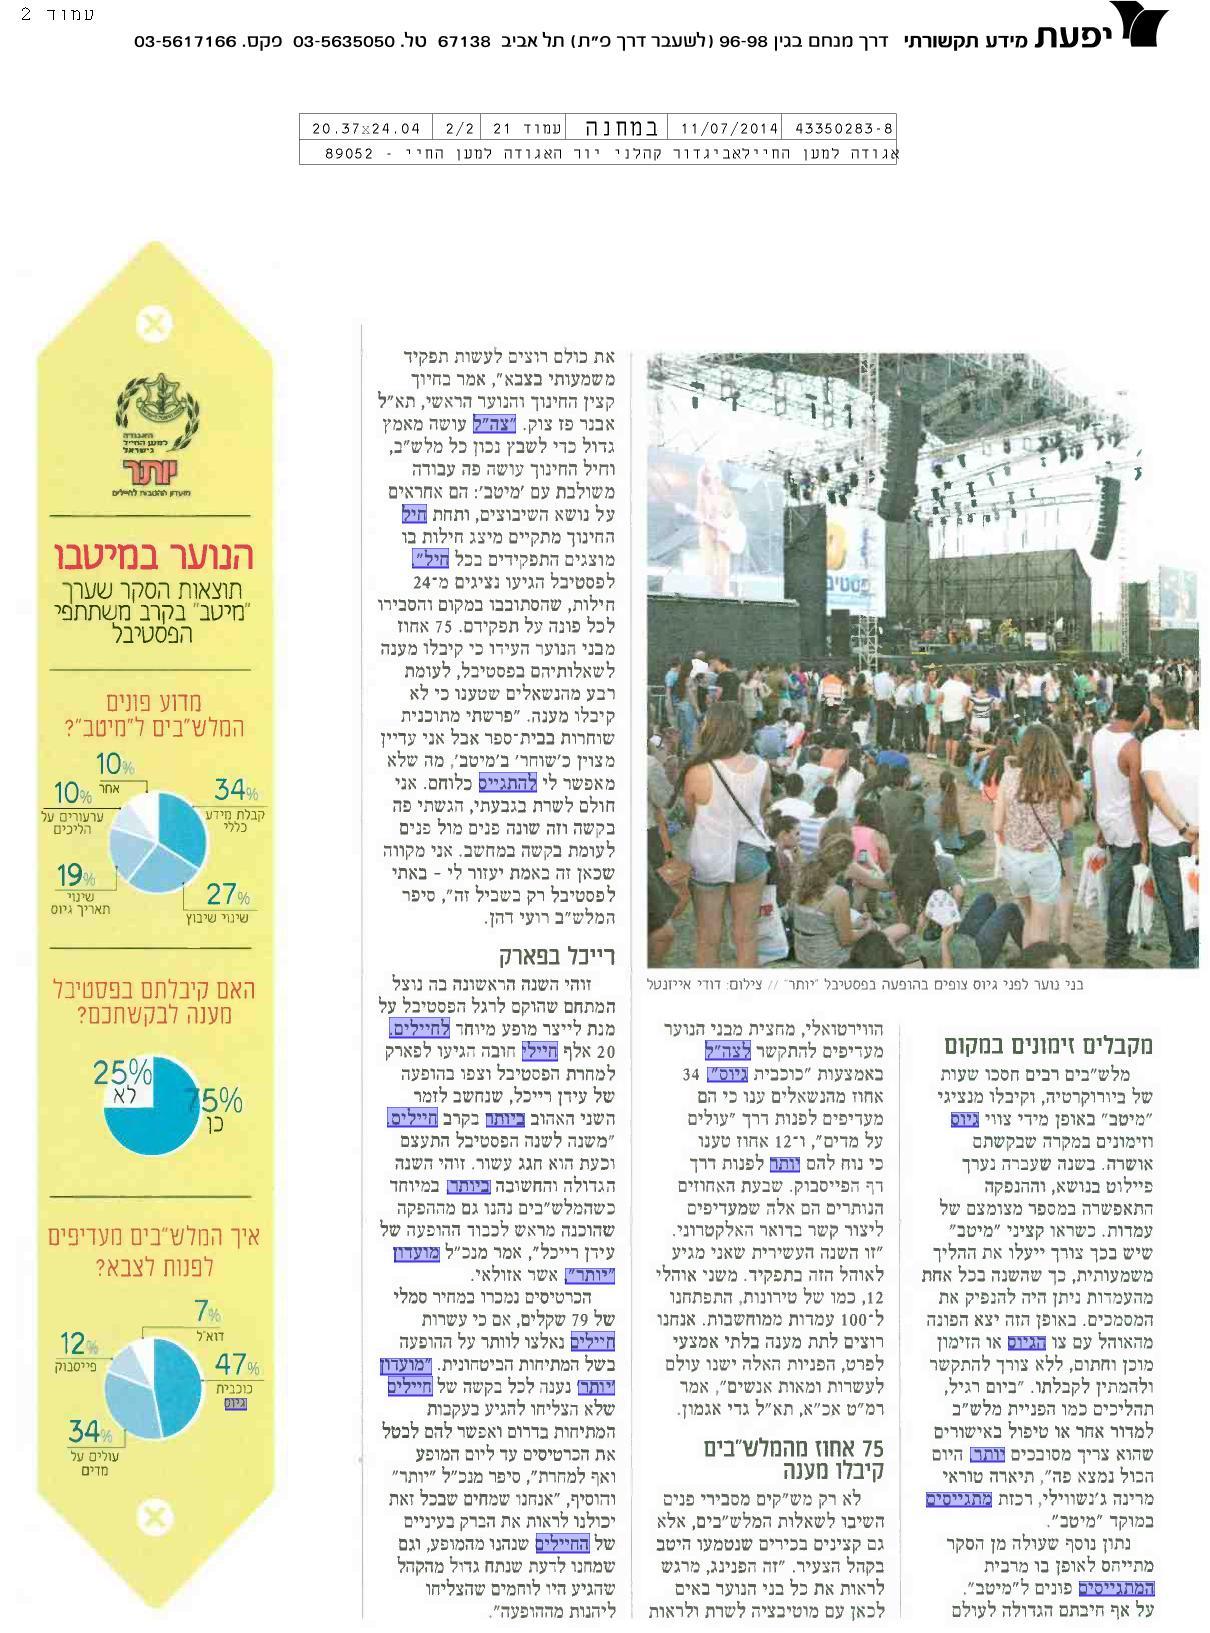 11.07.14 פסטיבל יותר חוגג עשור להיווסדו 2